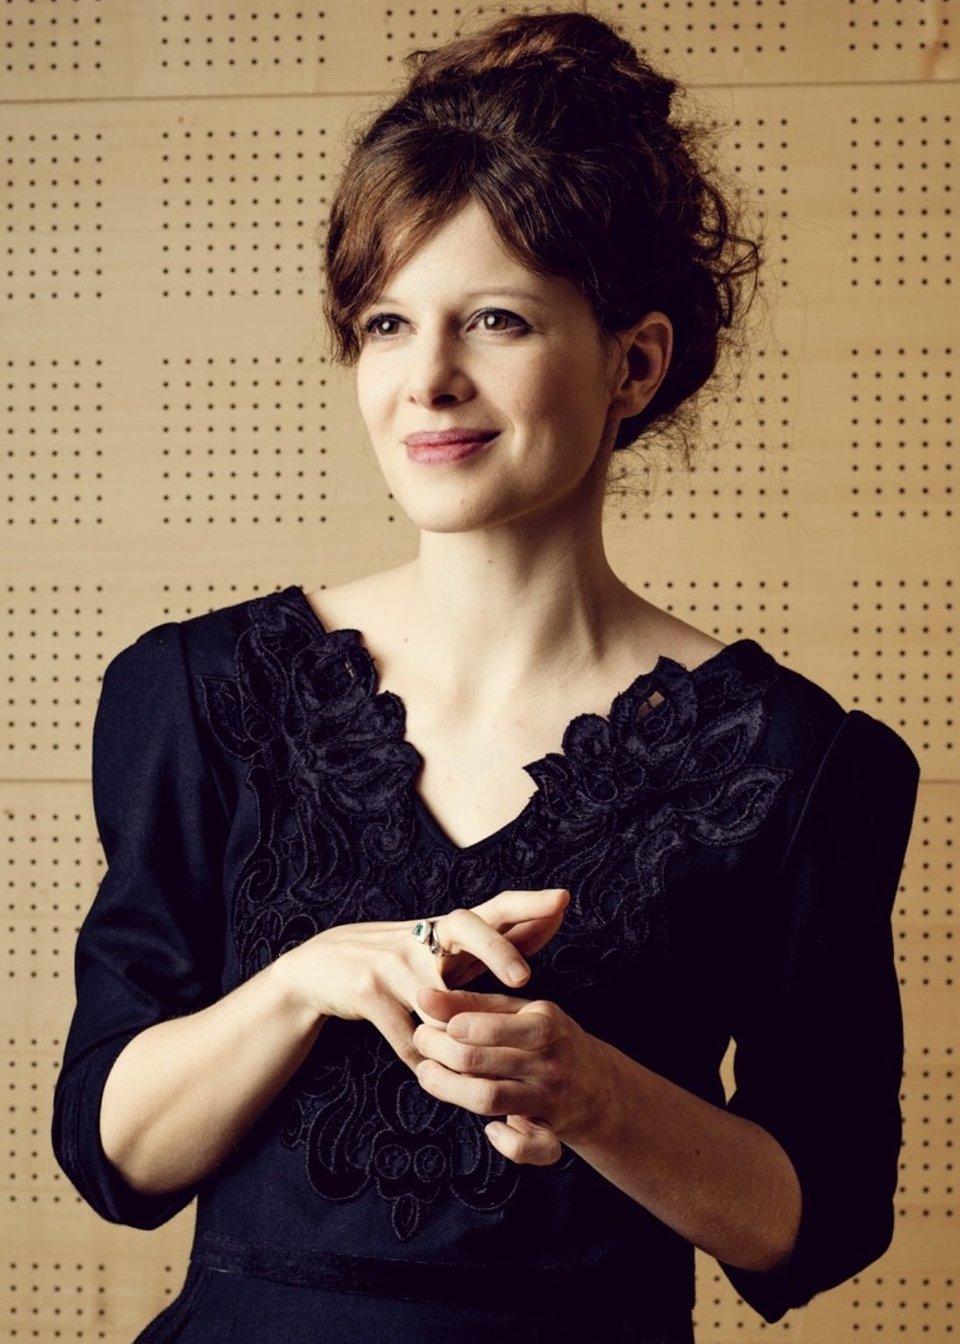 Karolina Gruszka Fot. Jacek Poremba